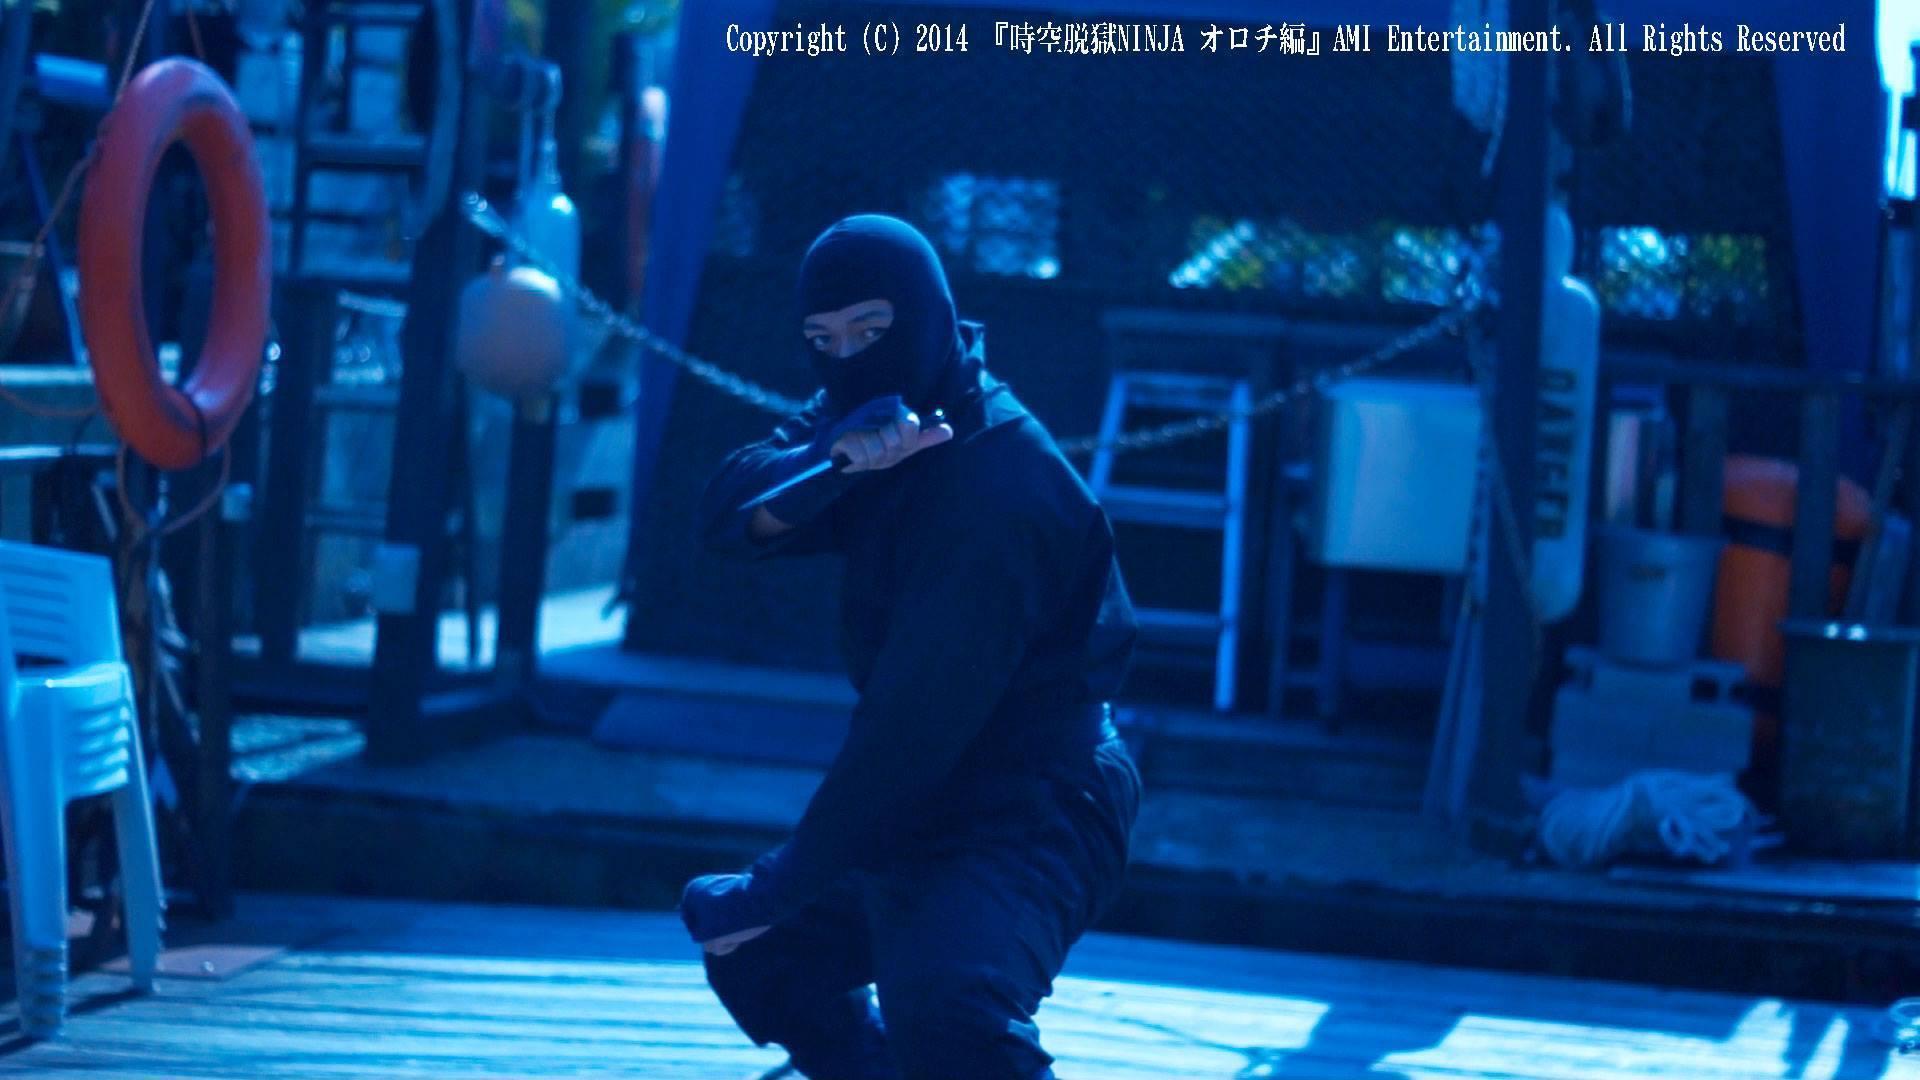 『時空脱獄NINJA ジライヤ』 (C)2014 『時空脱獄NINJA ジライヤ』AMI Entertainment. ALl Rights Reserved